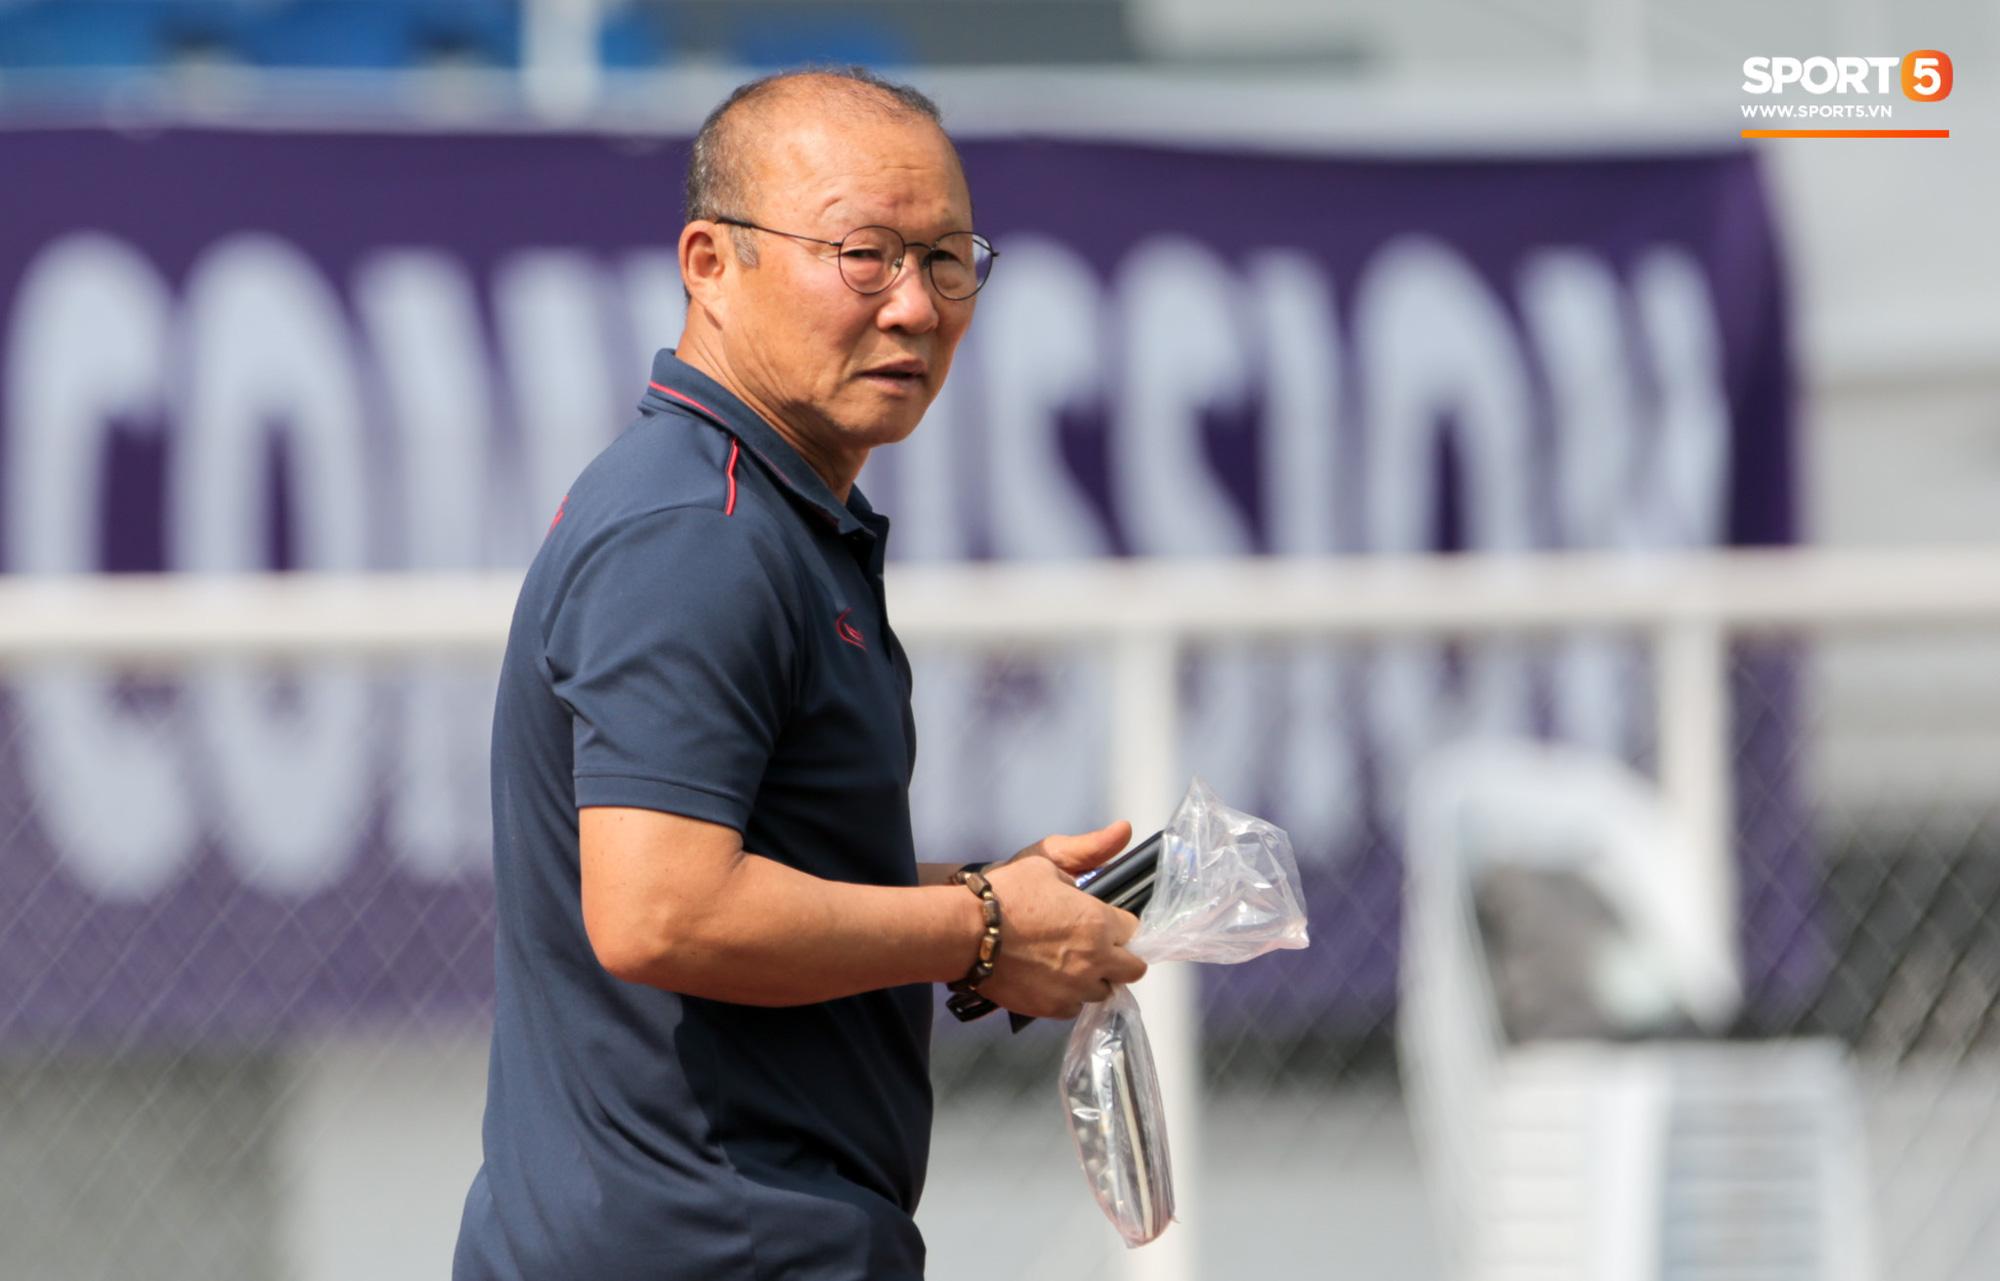 Chuyện giờ mới kể: HLV Park Hang-seo suýt bị cách ly ở U22 Việt Nam trước trận gặp Campuchia - Ảnh 2.